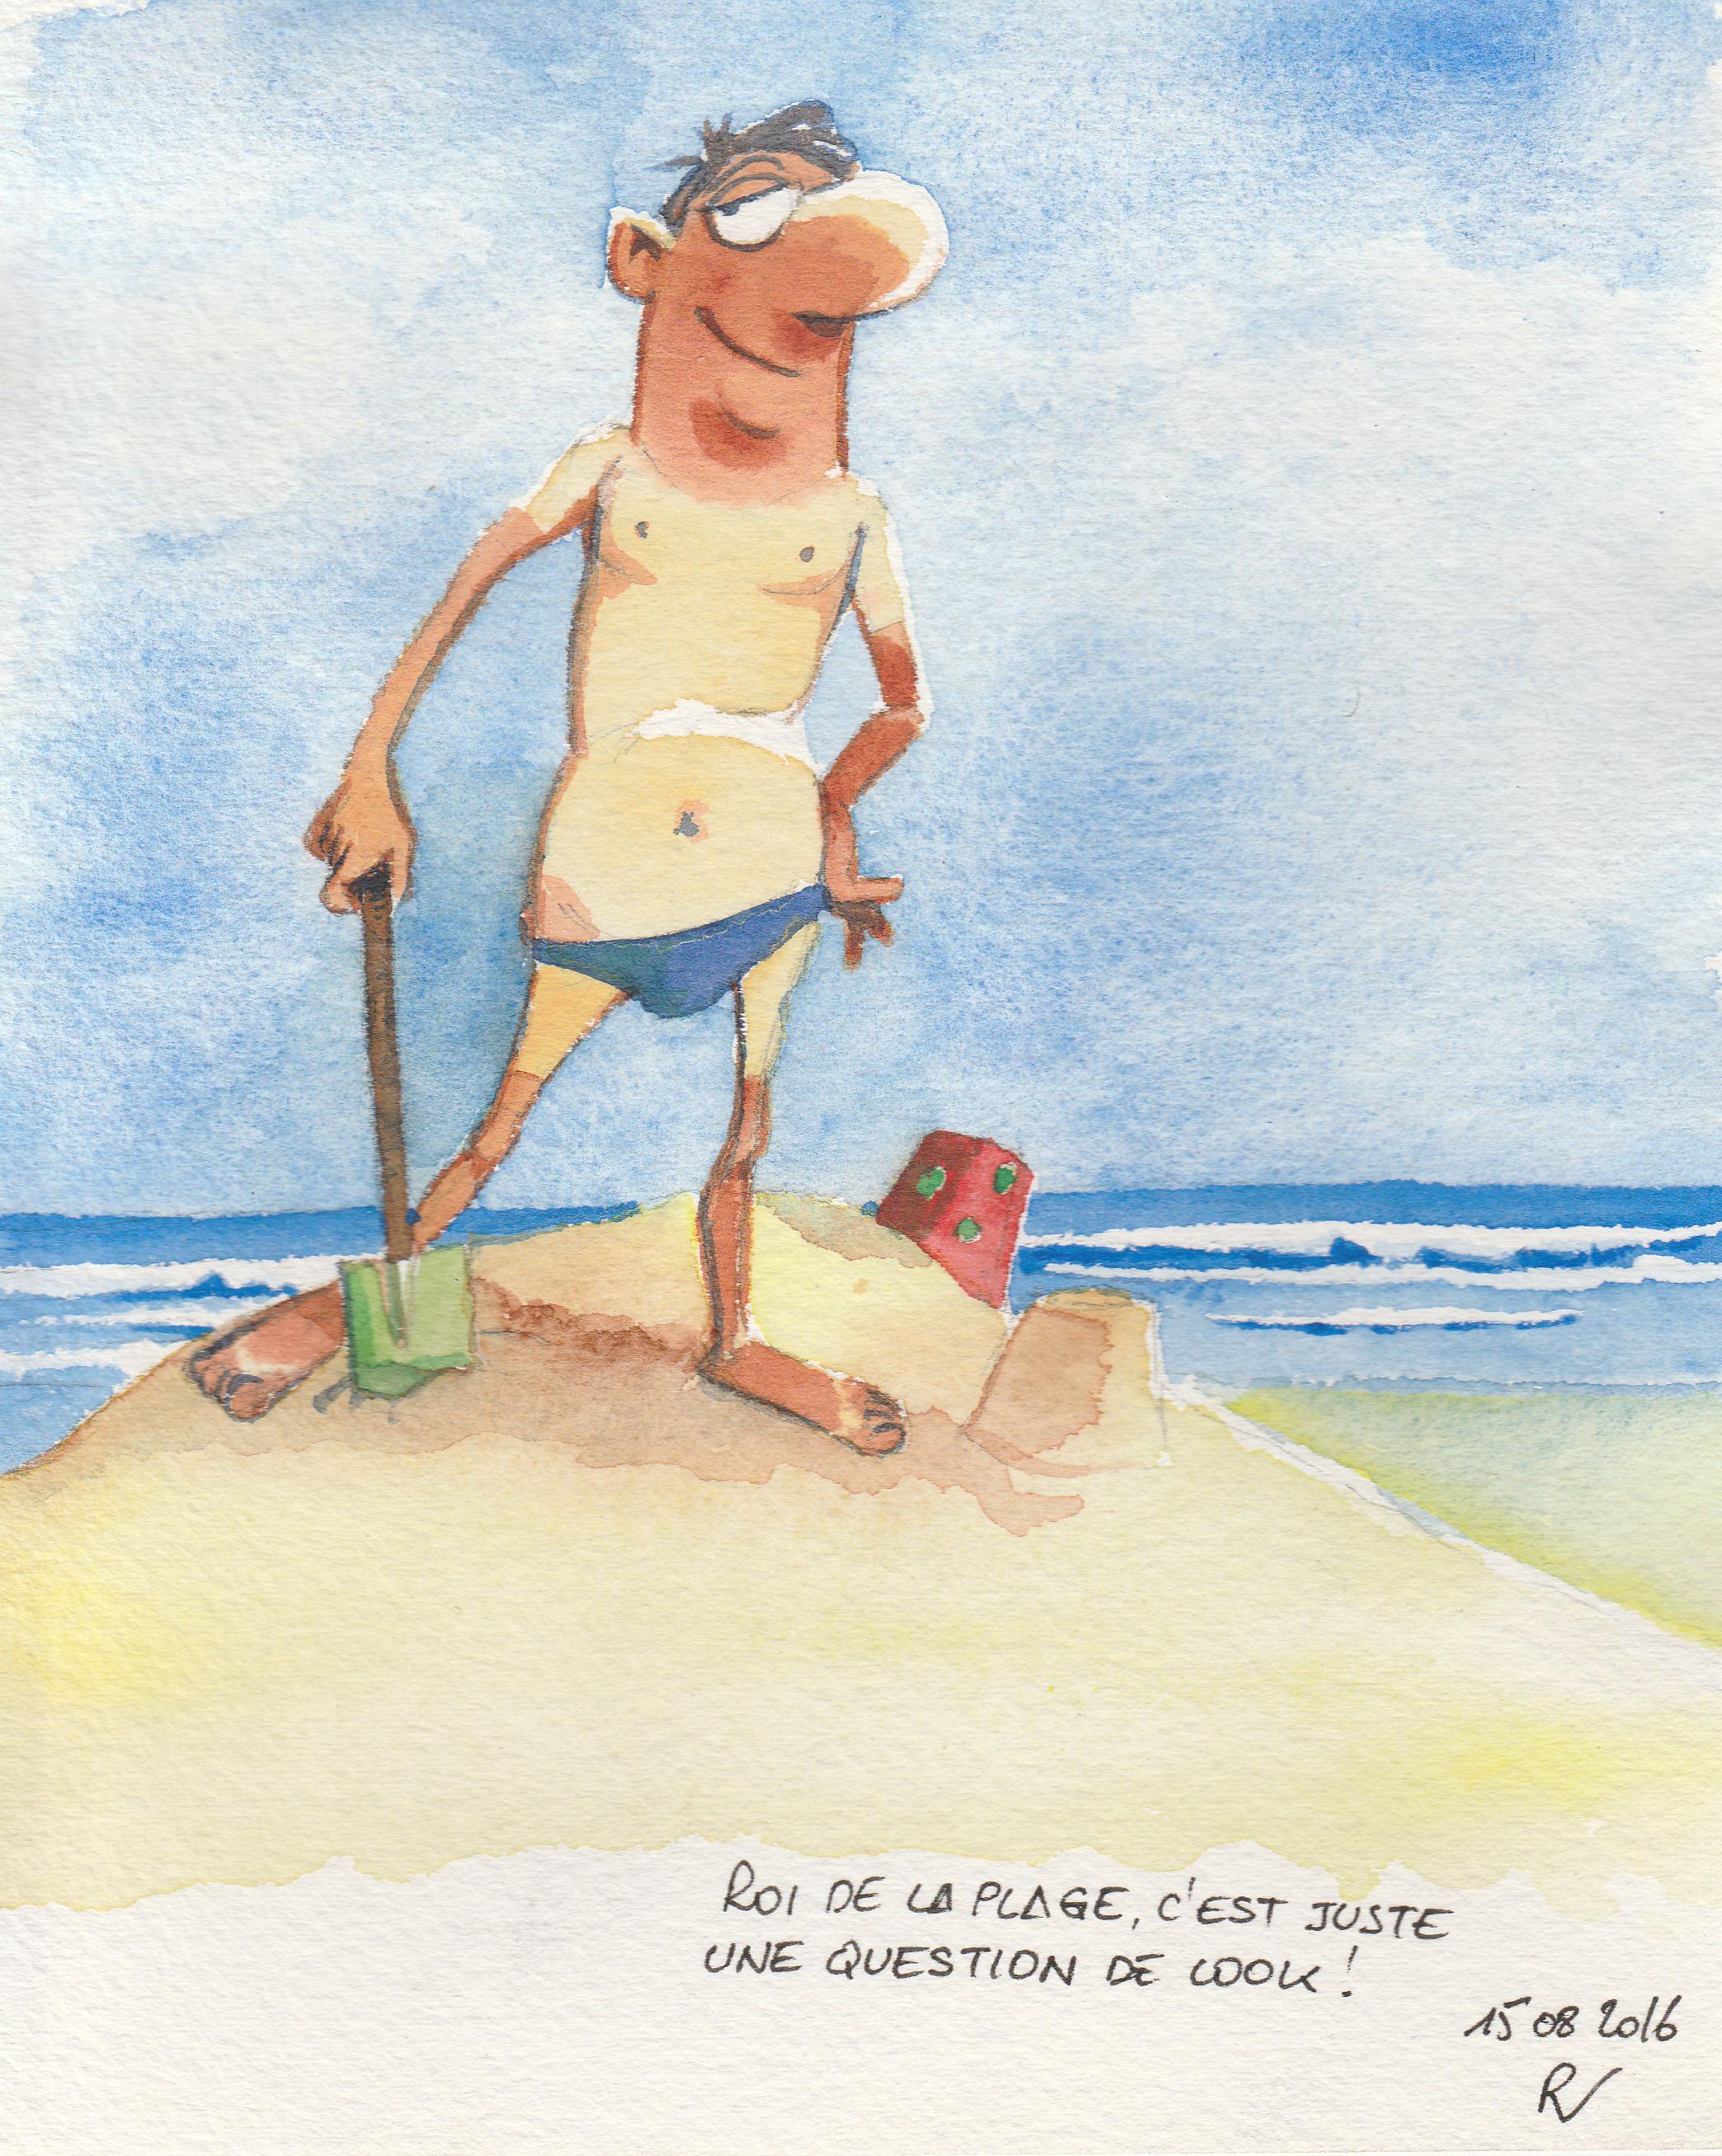 roi-de-la-plage